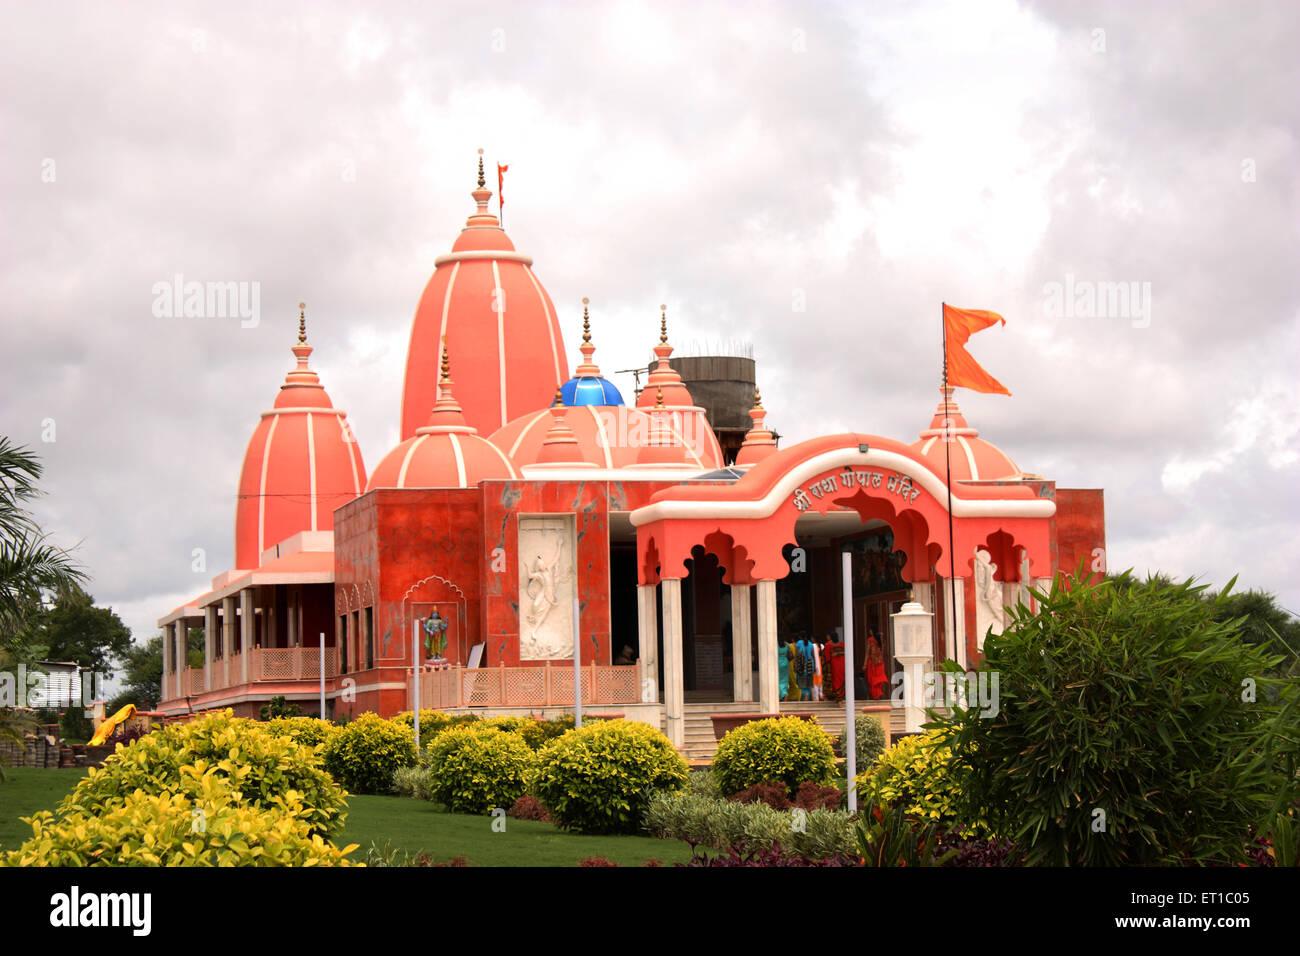 Hare krishna temple Iskcon Narwade Sangli Maharashtra India Stock Photo